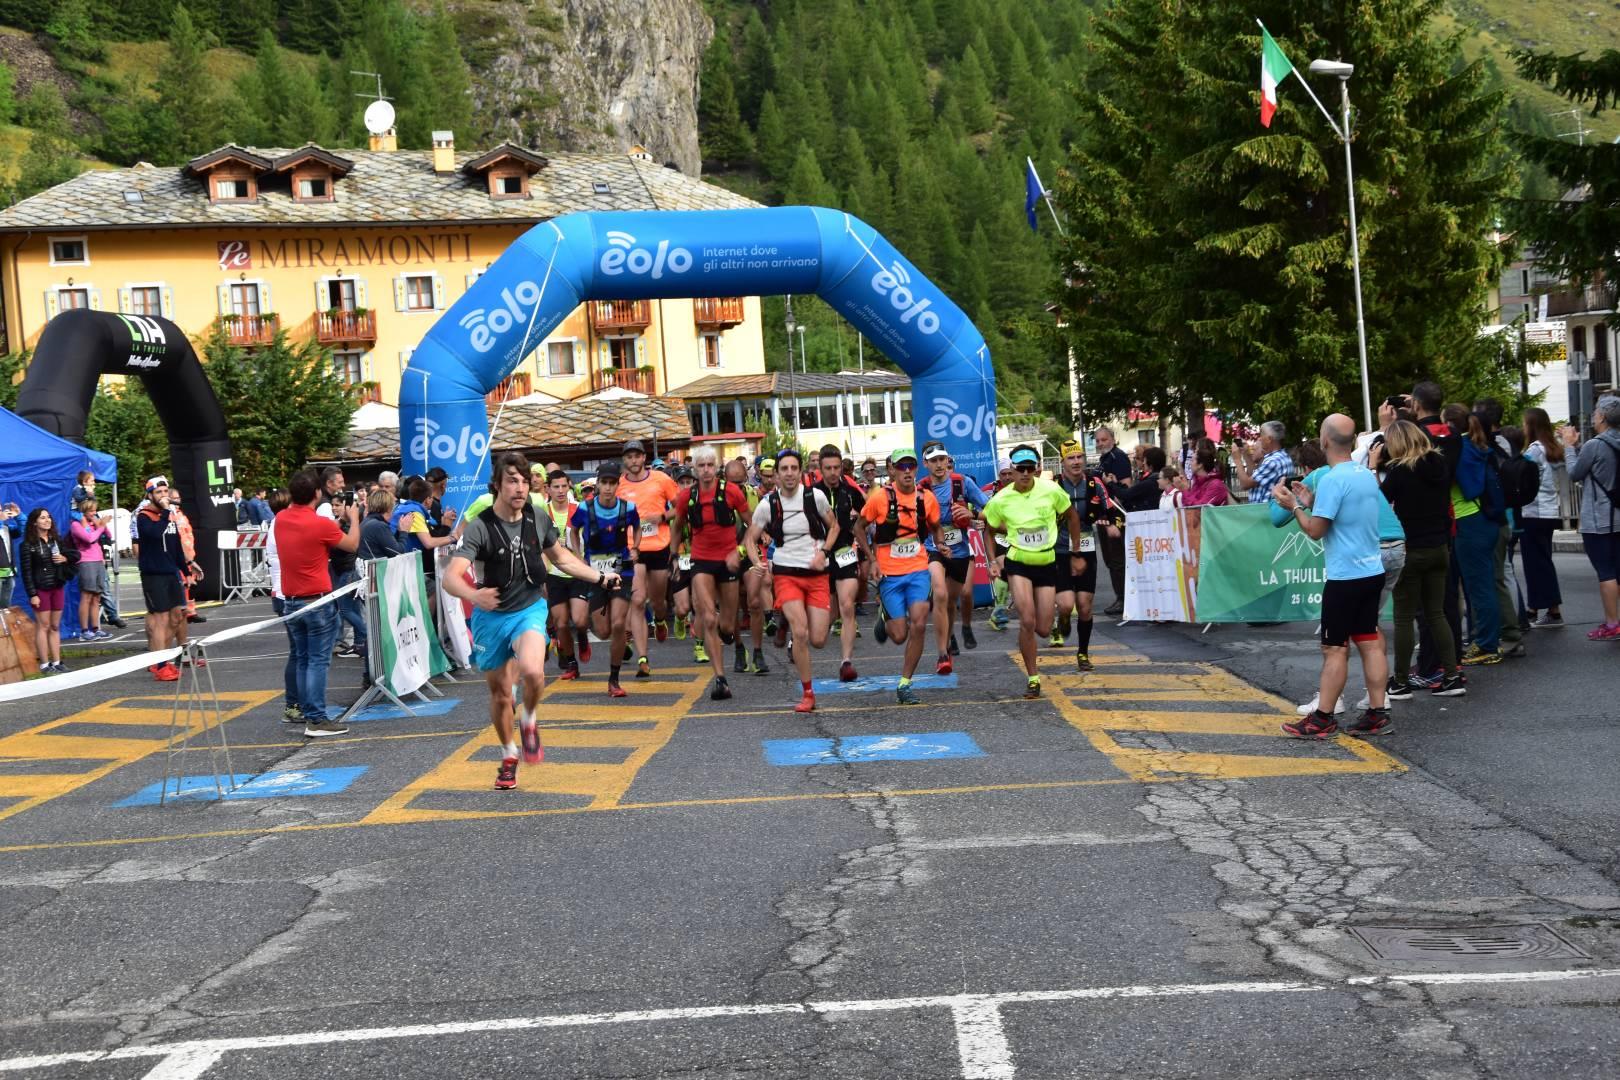 Grande successo per le prime due gare di La Thuile Trail